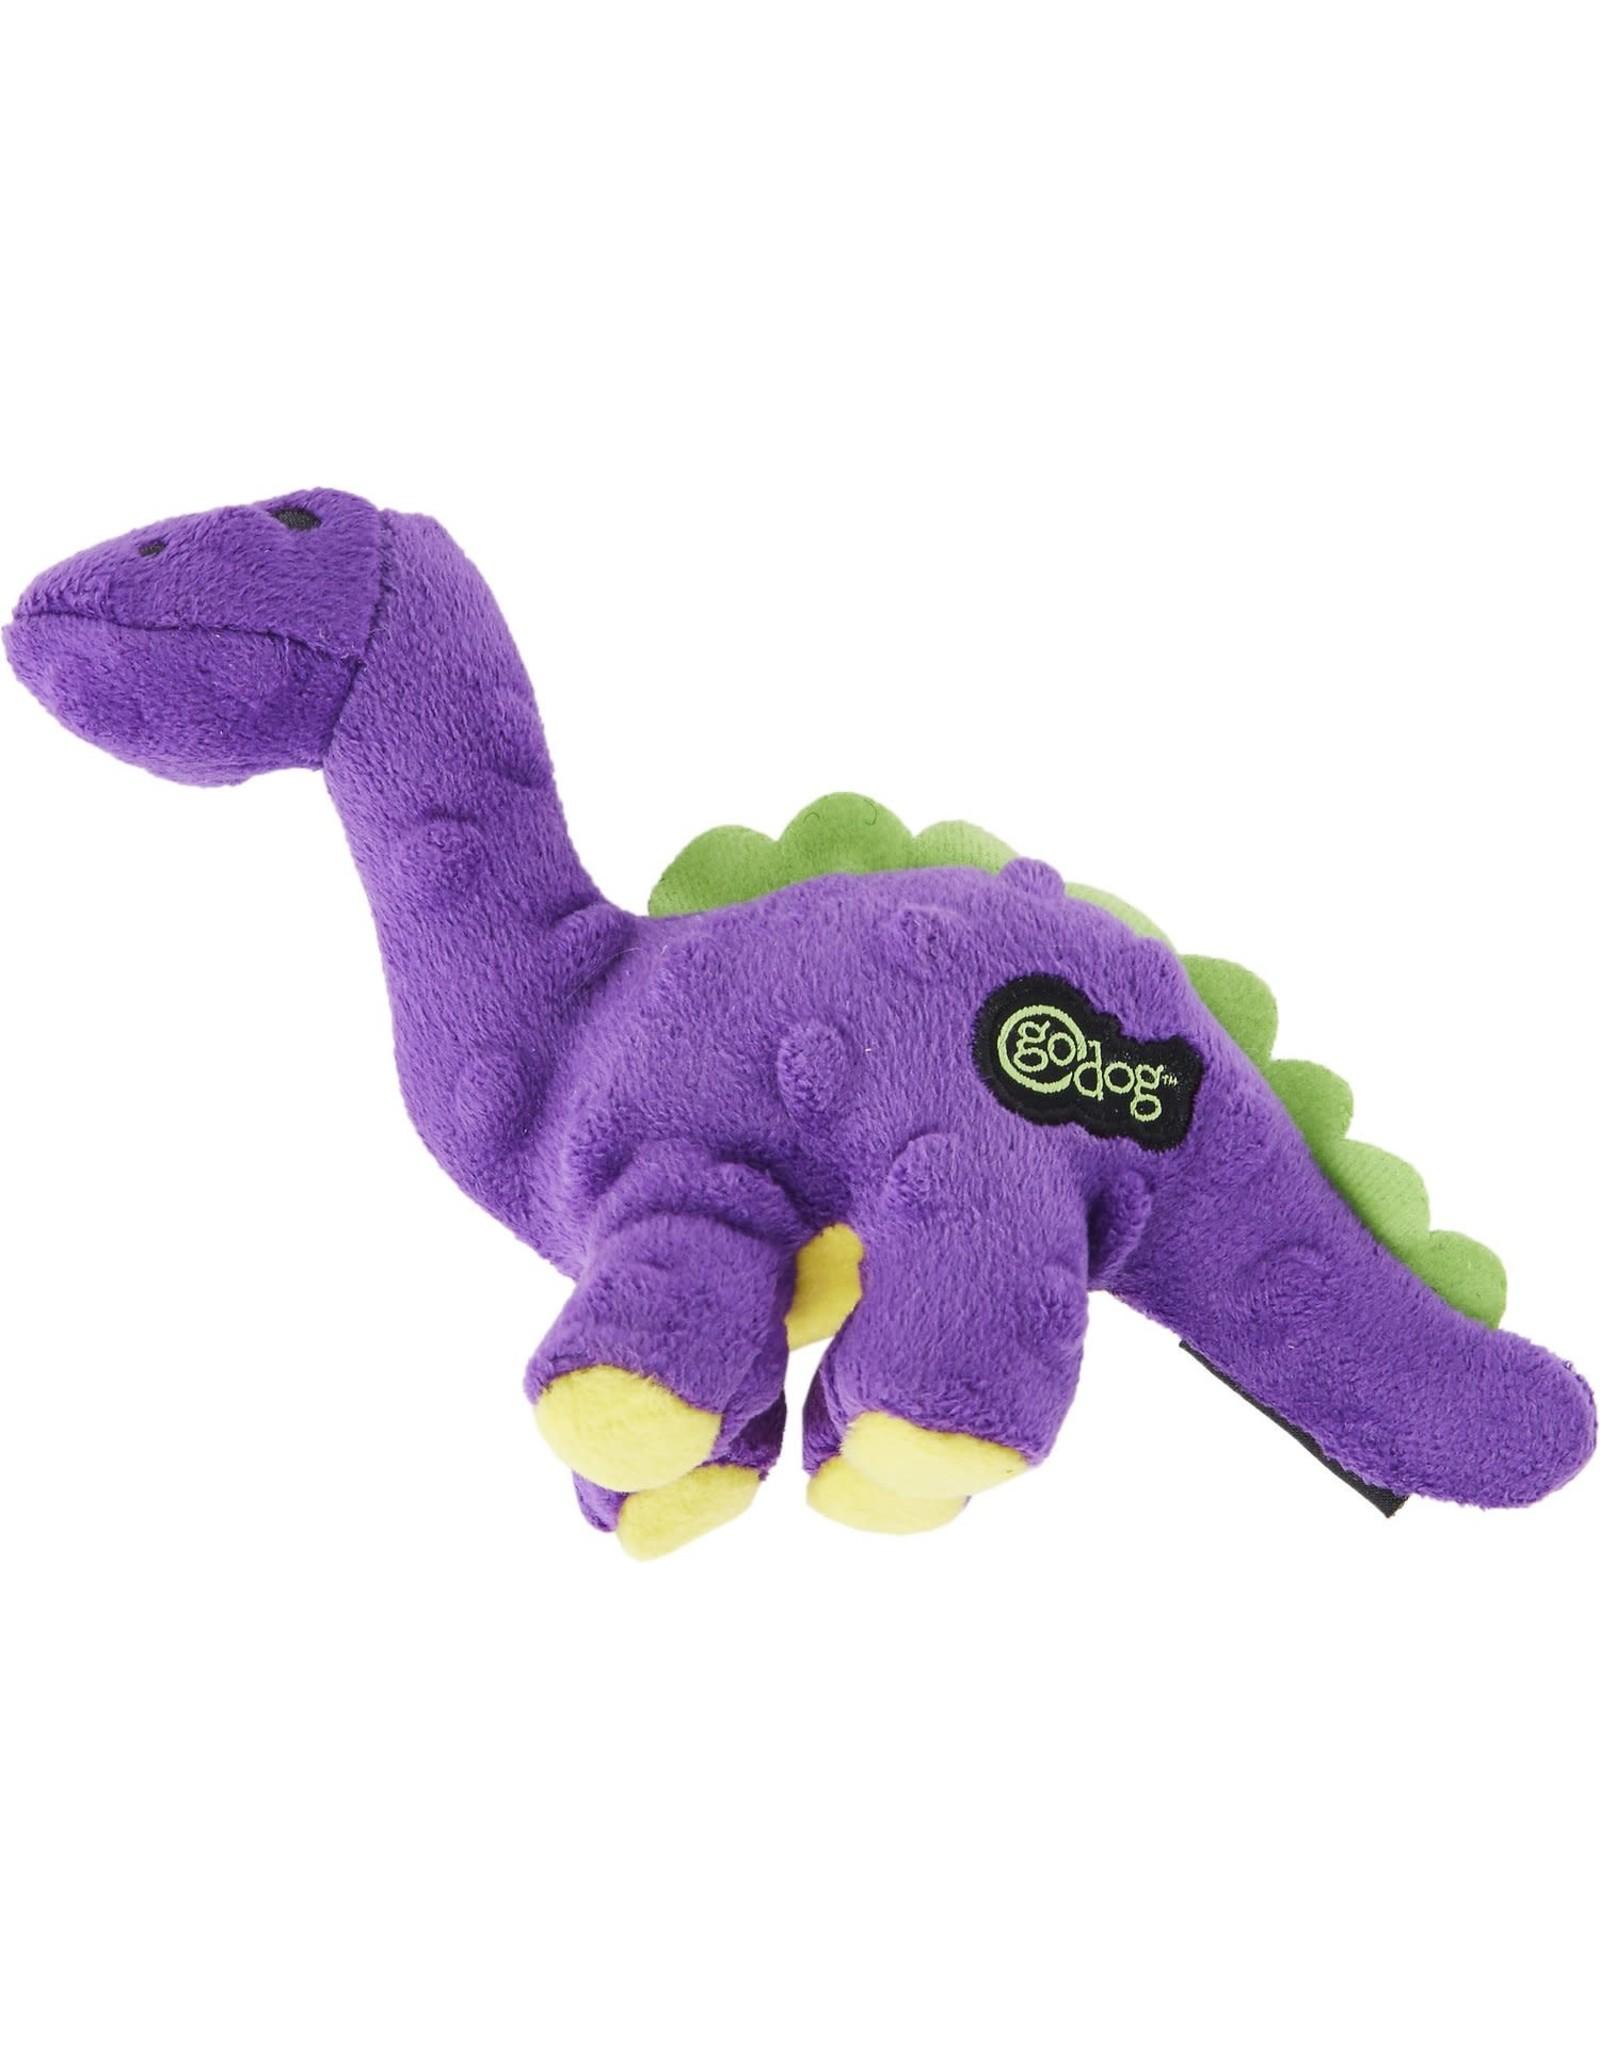 GODOG GODOG Just For Me - Bruto Purple